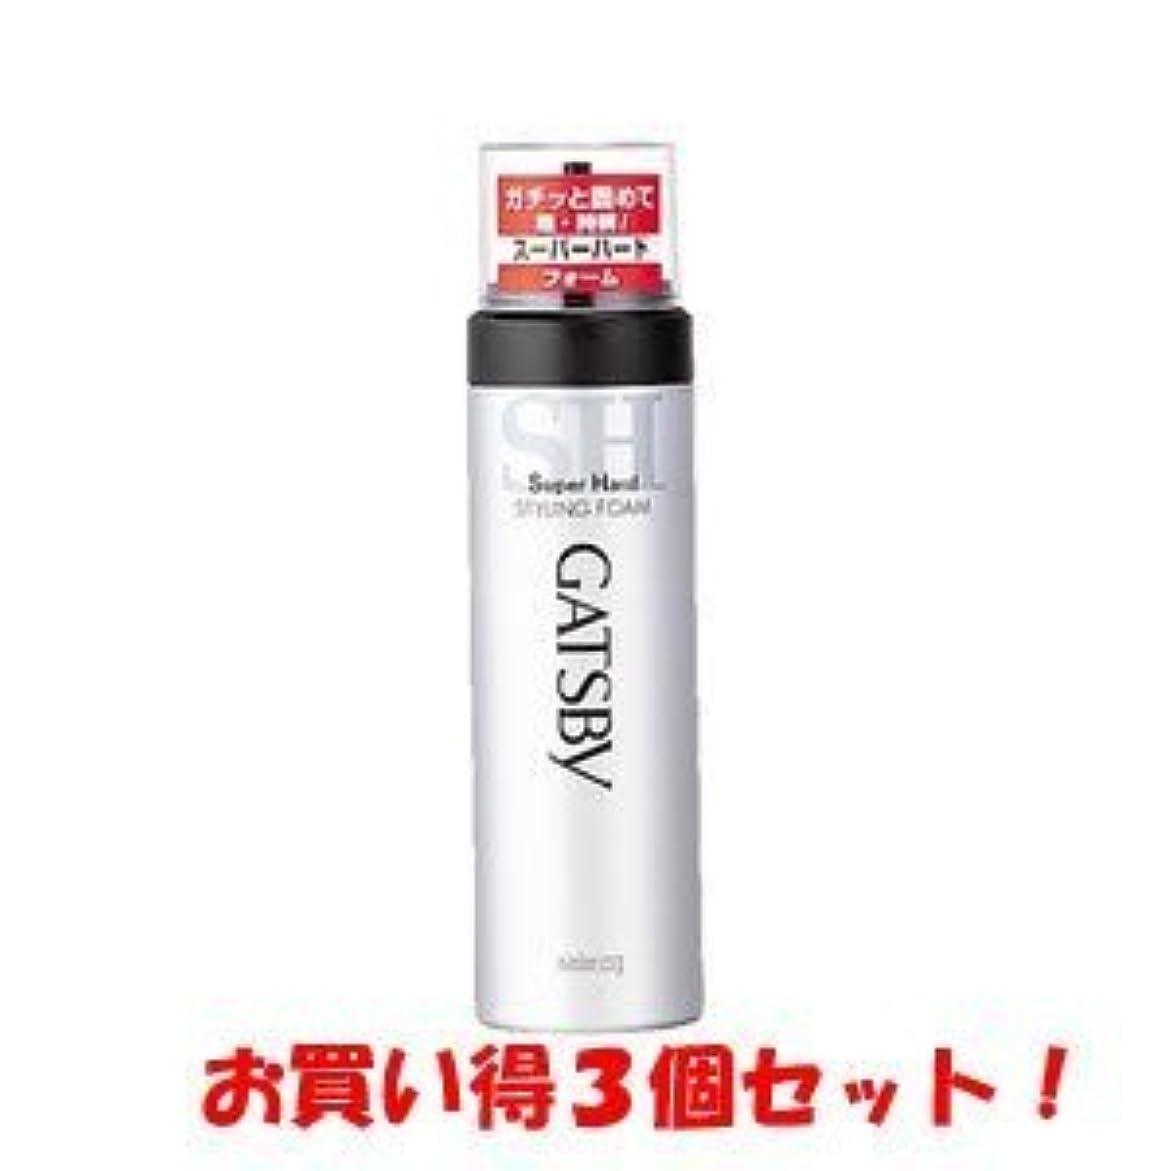 発見するスコア責任ギャツビー【GATSBY】スタイリングフォーム スーパーハード 185g(お買い得3個セット)